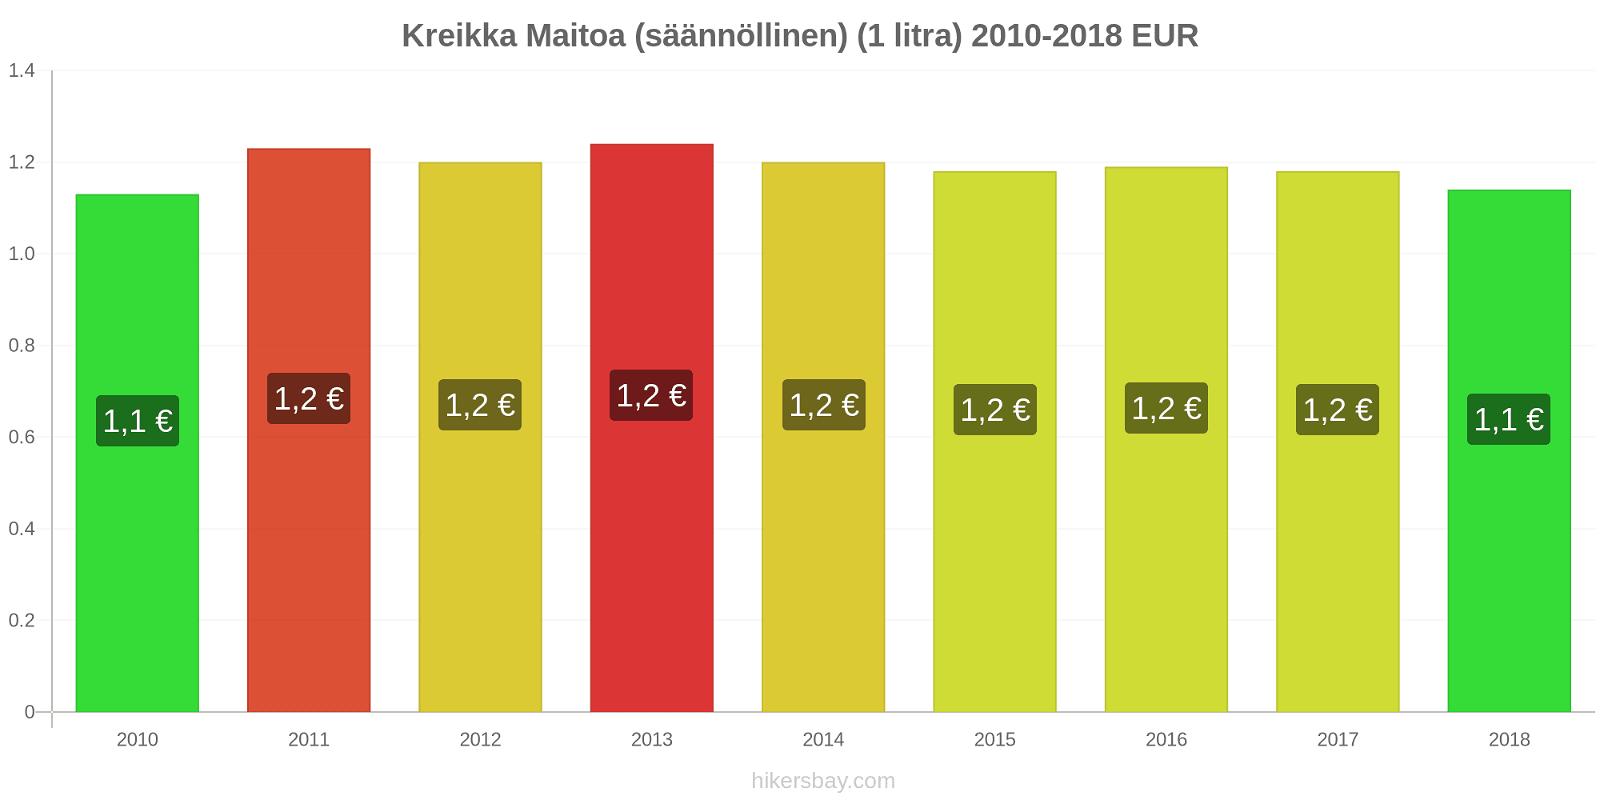 Kreikka hintojen muutokset Maitoa (säännöllinen) (1 litra) hikersbay.com